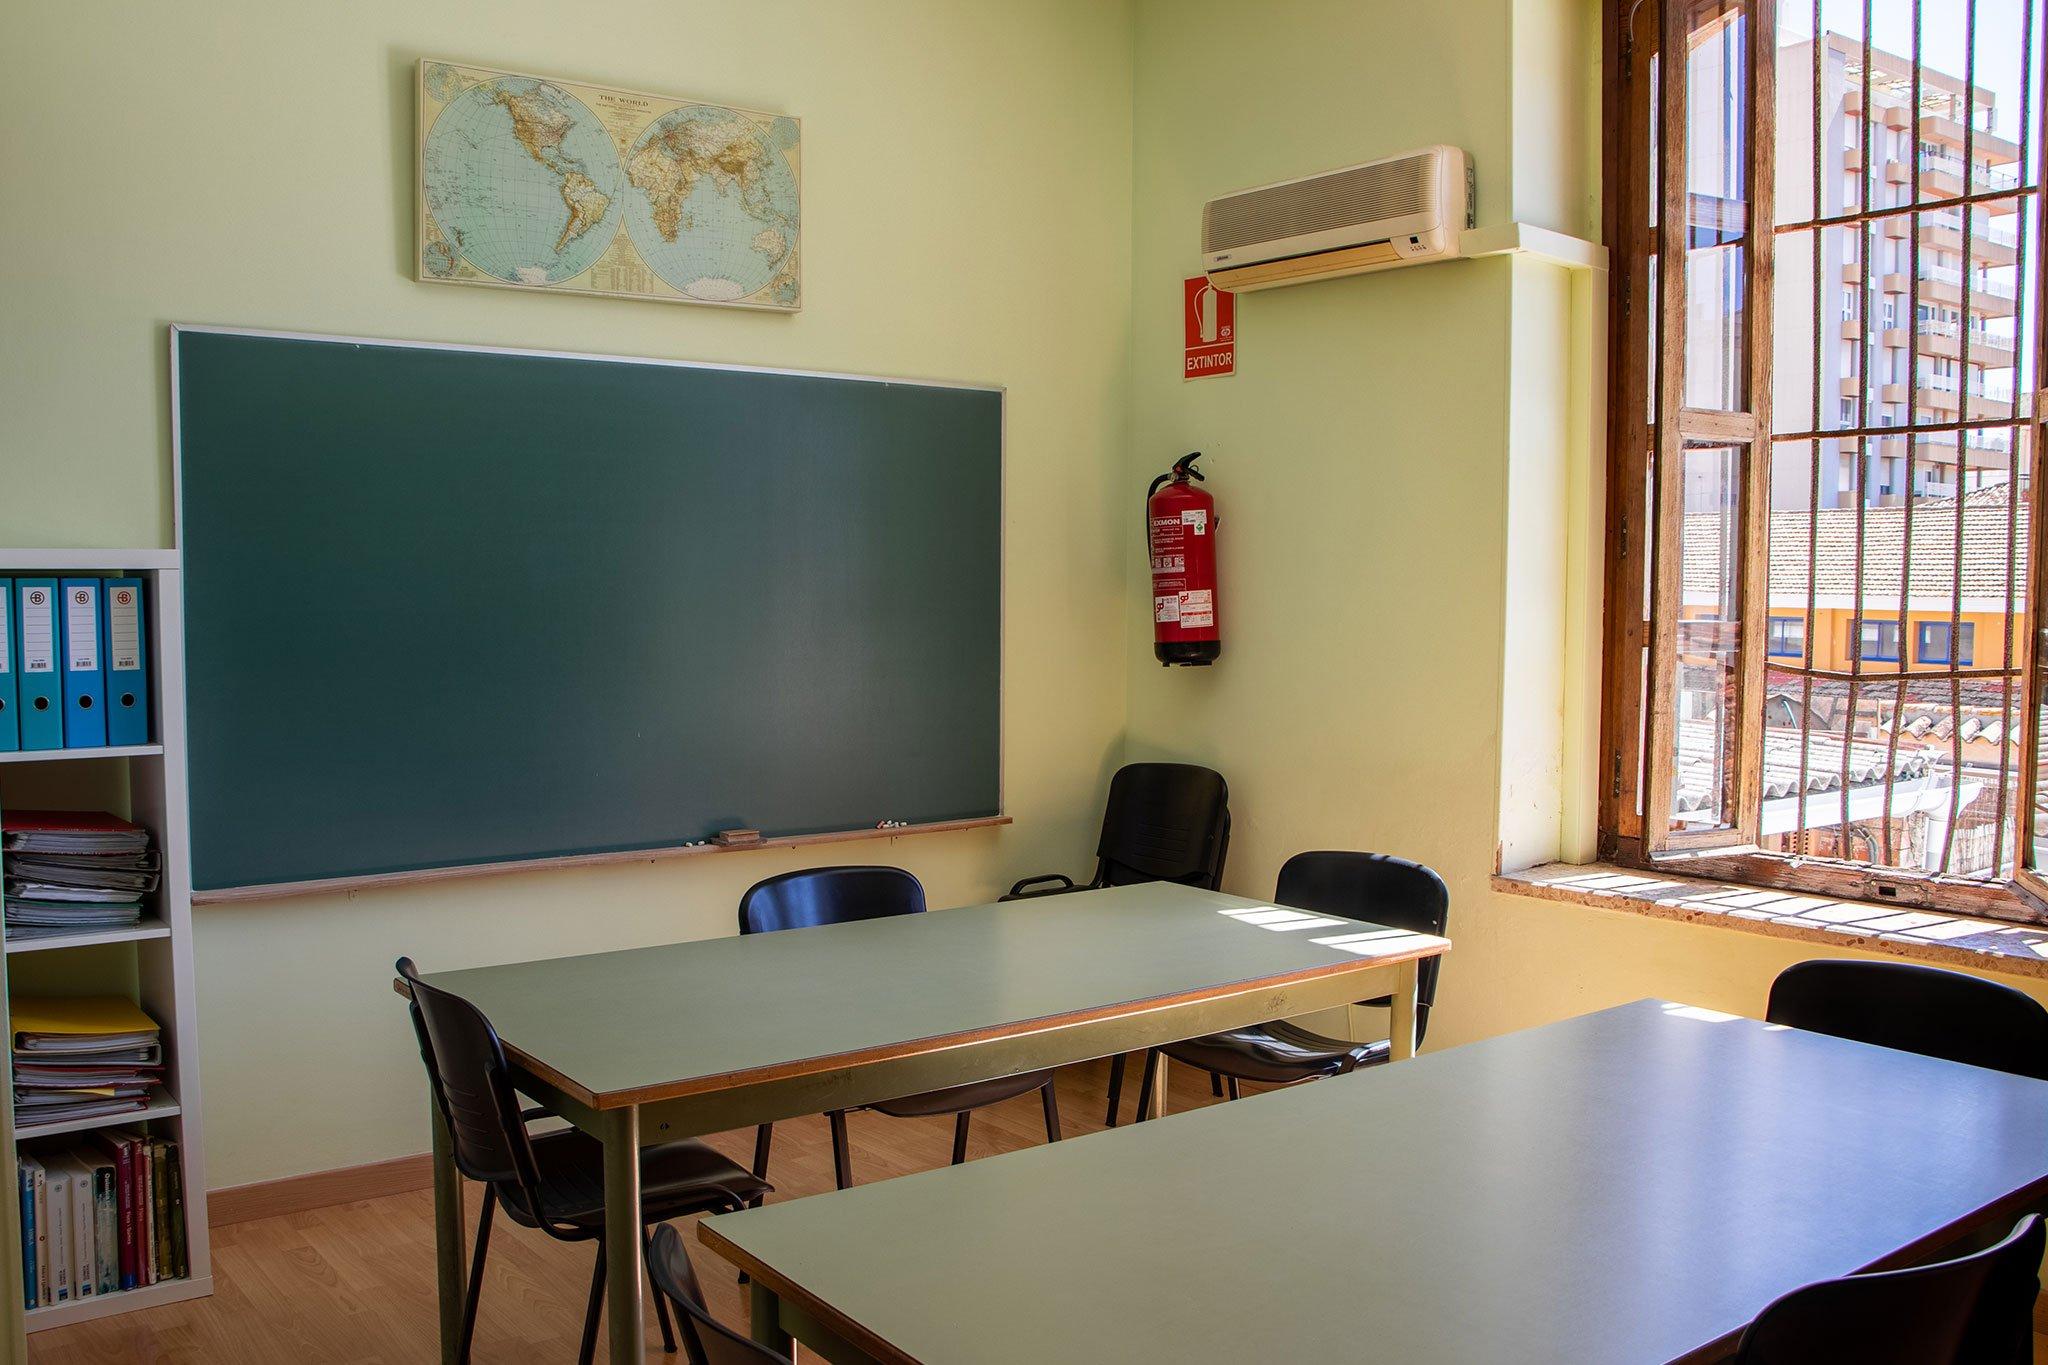 Mobiliario de un aula – Centro de Estudios EDES